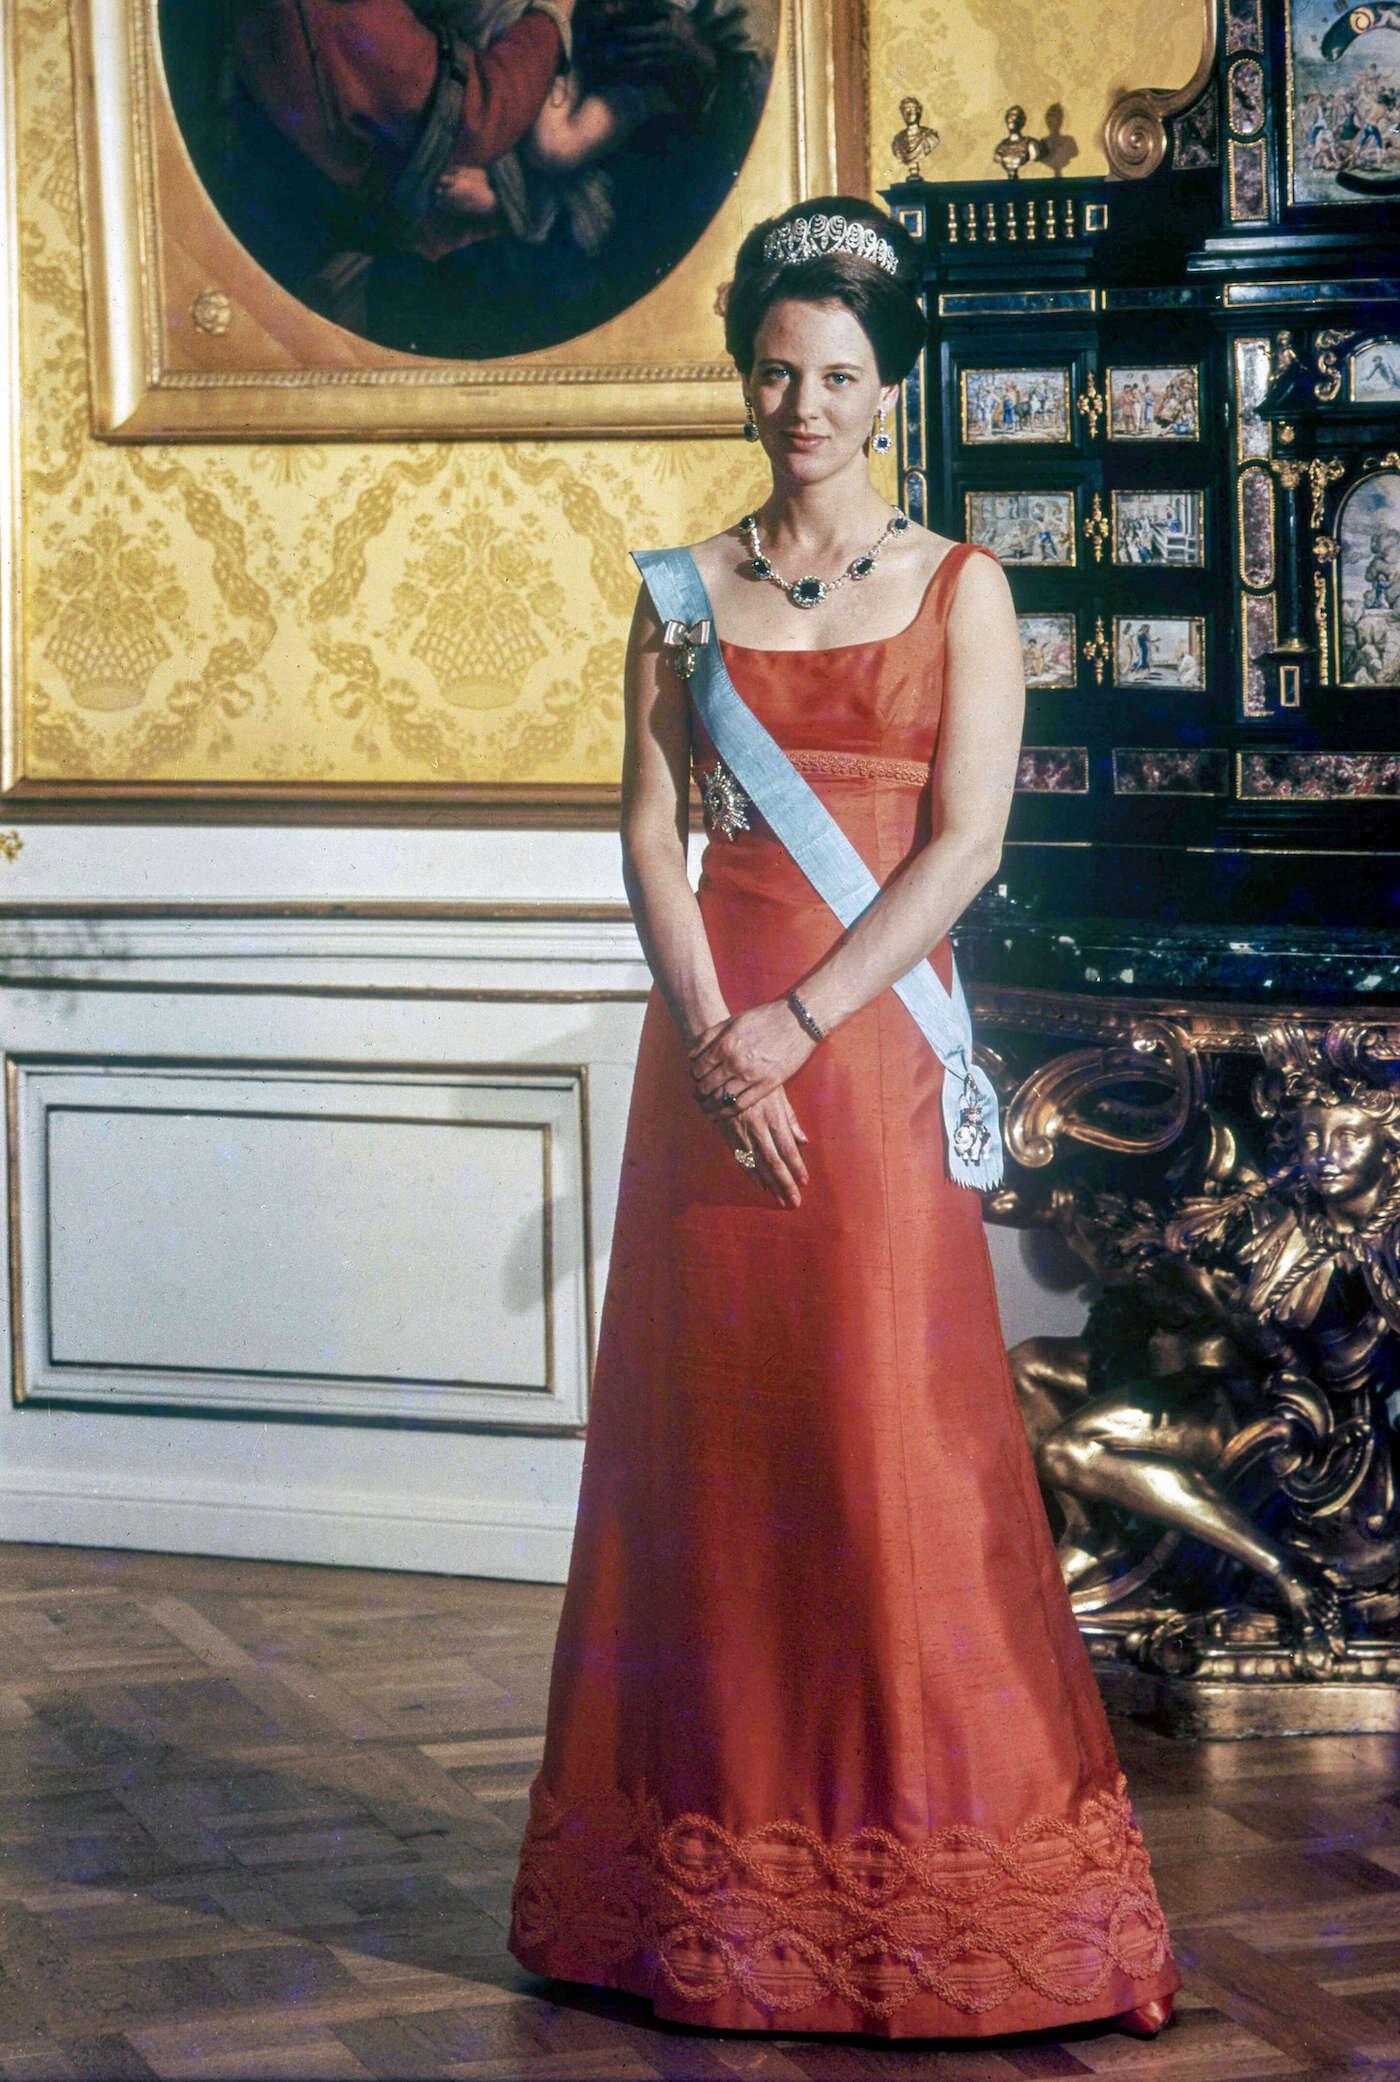 Königin Margrethe ist die älteste von drei Schwestern. Sie steht Prinzessin Benedikte und Ex-Königin Anne-Marie sehr nah.  © picture alliance/dpa